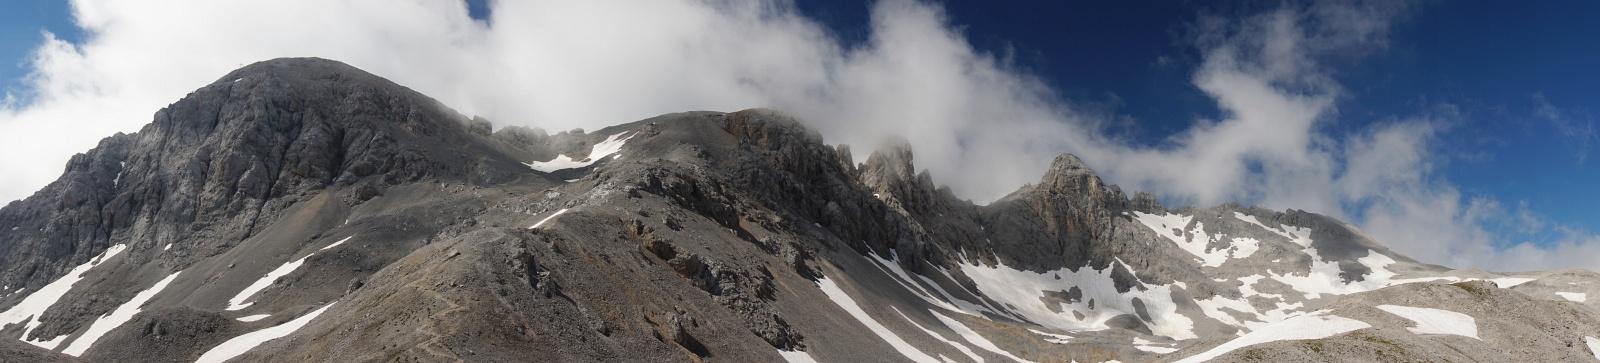 Der Höhenzug von der Scheichenspitze zur Edelgrießhöhe, über den der Ramsauer Klettersteig verläuft.